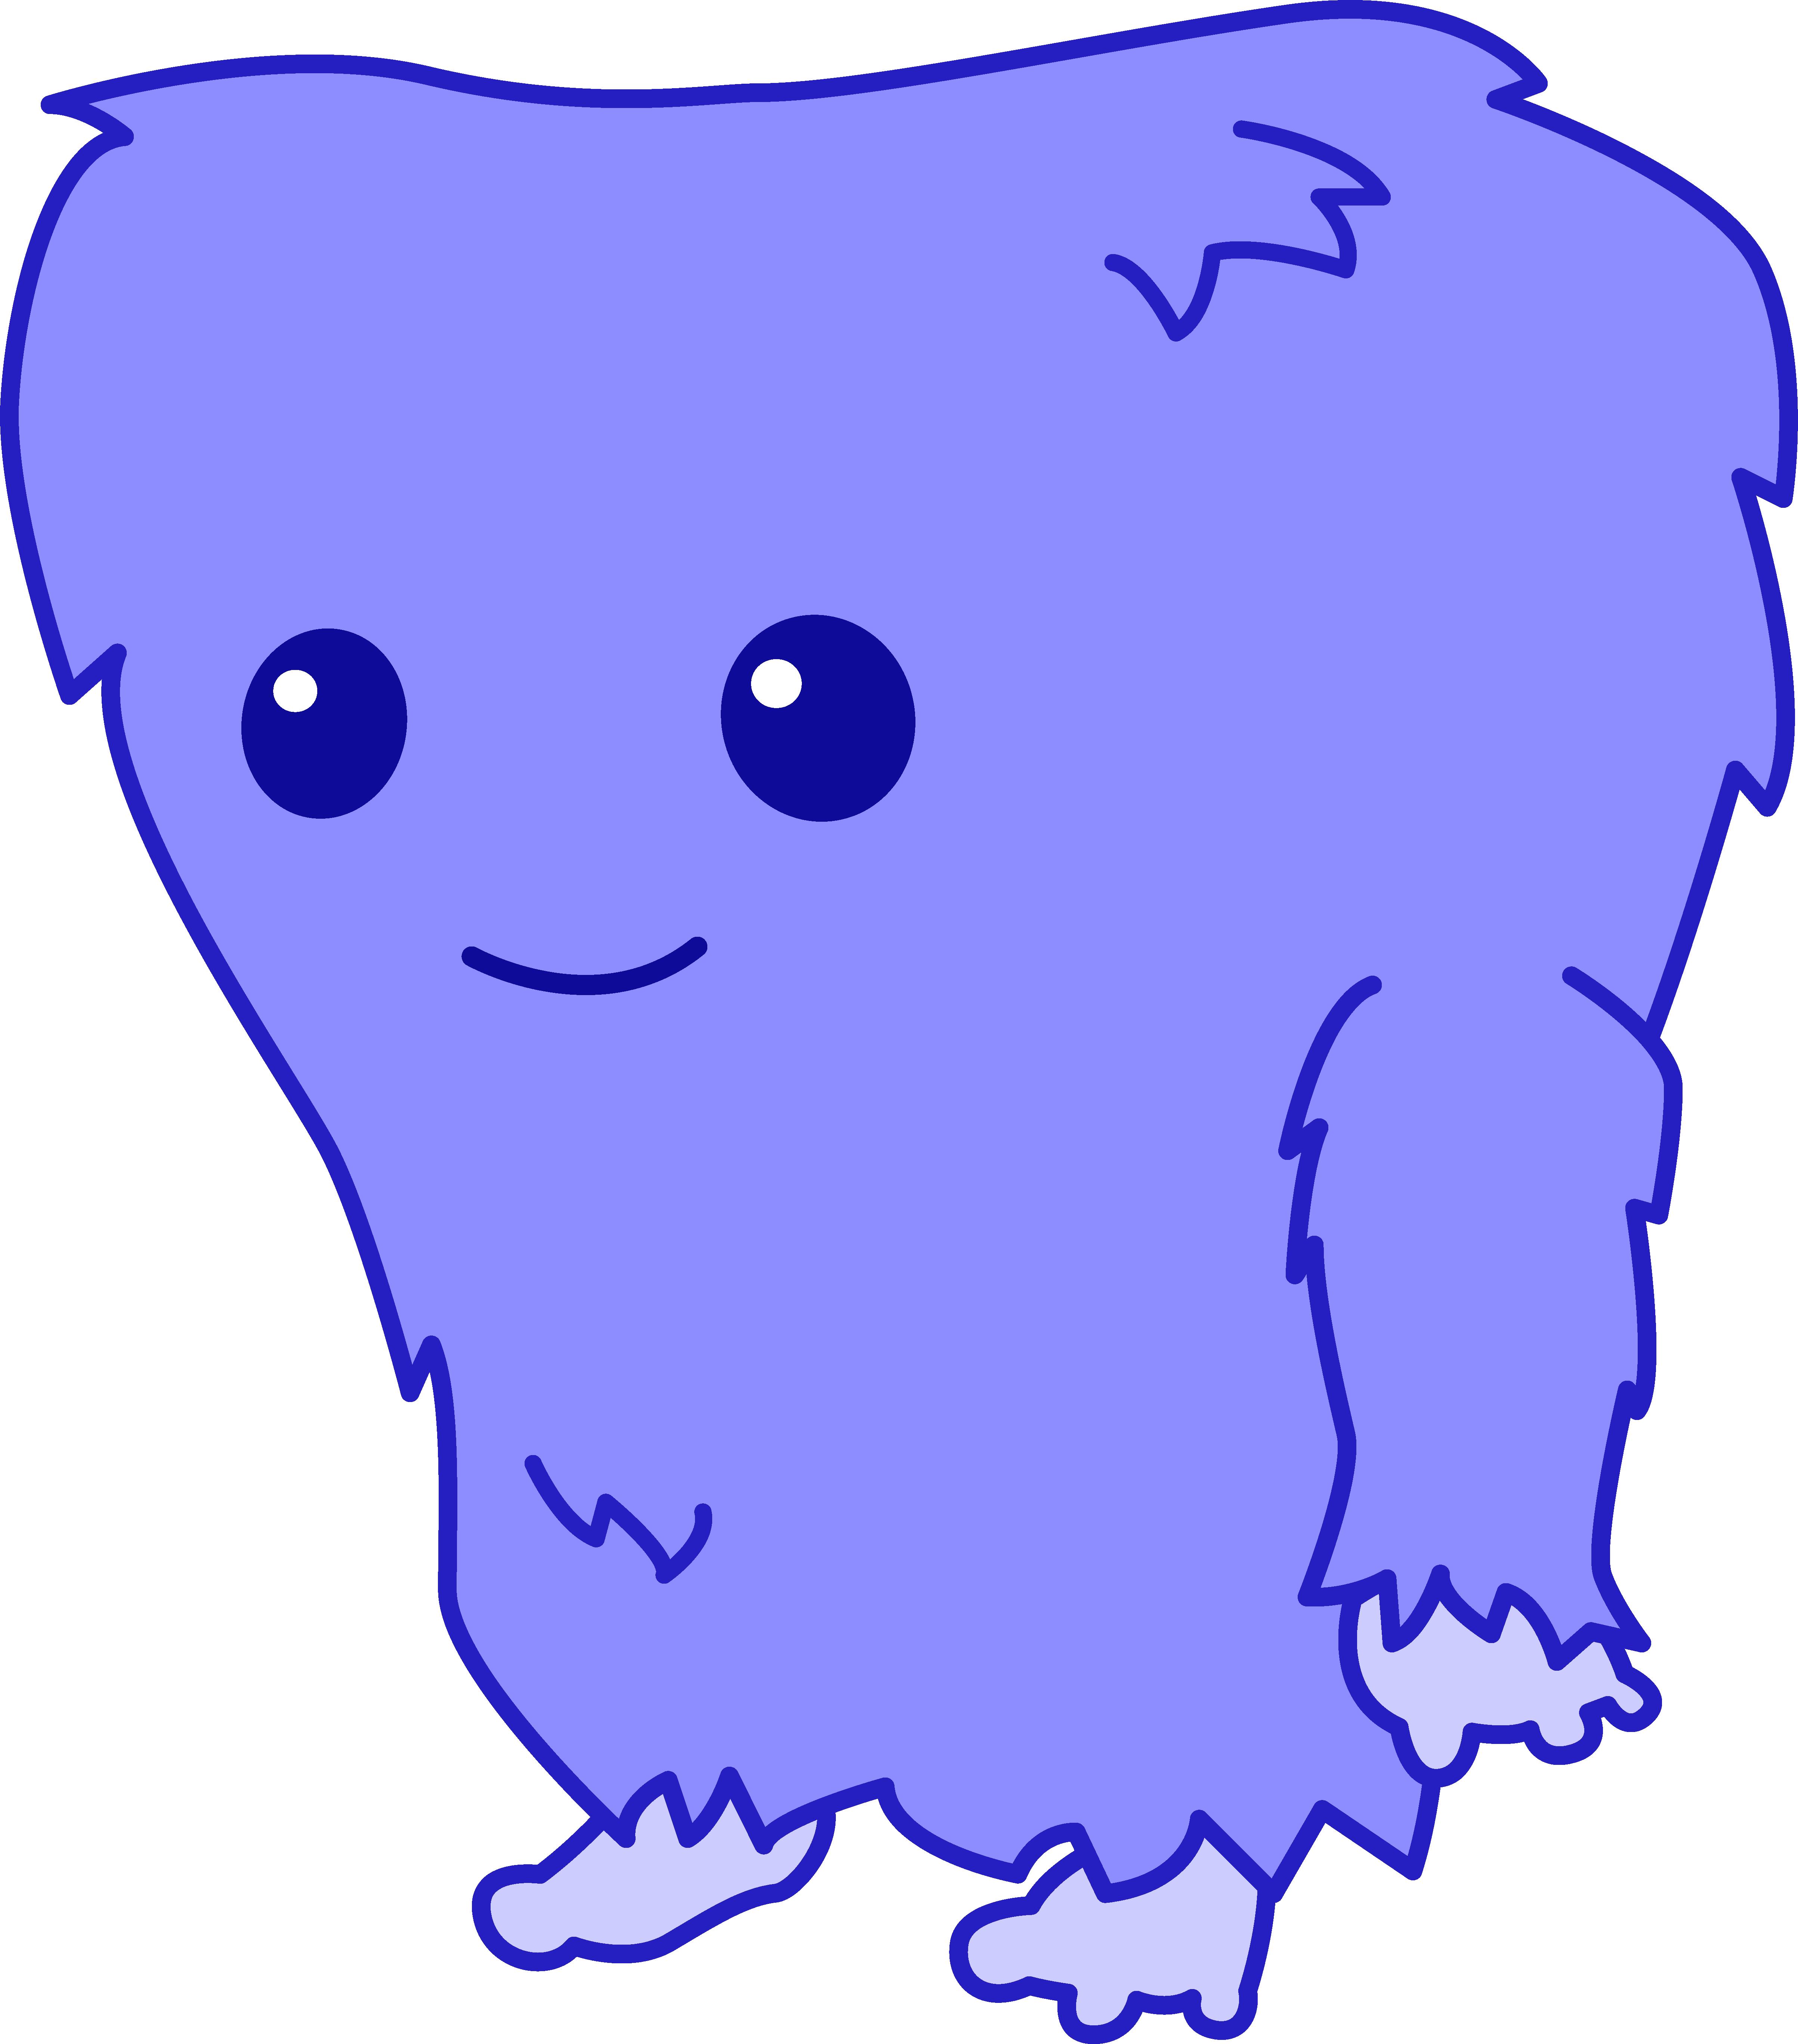 Monster clipart blue monster #11